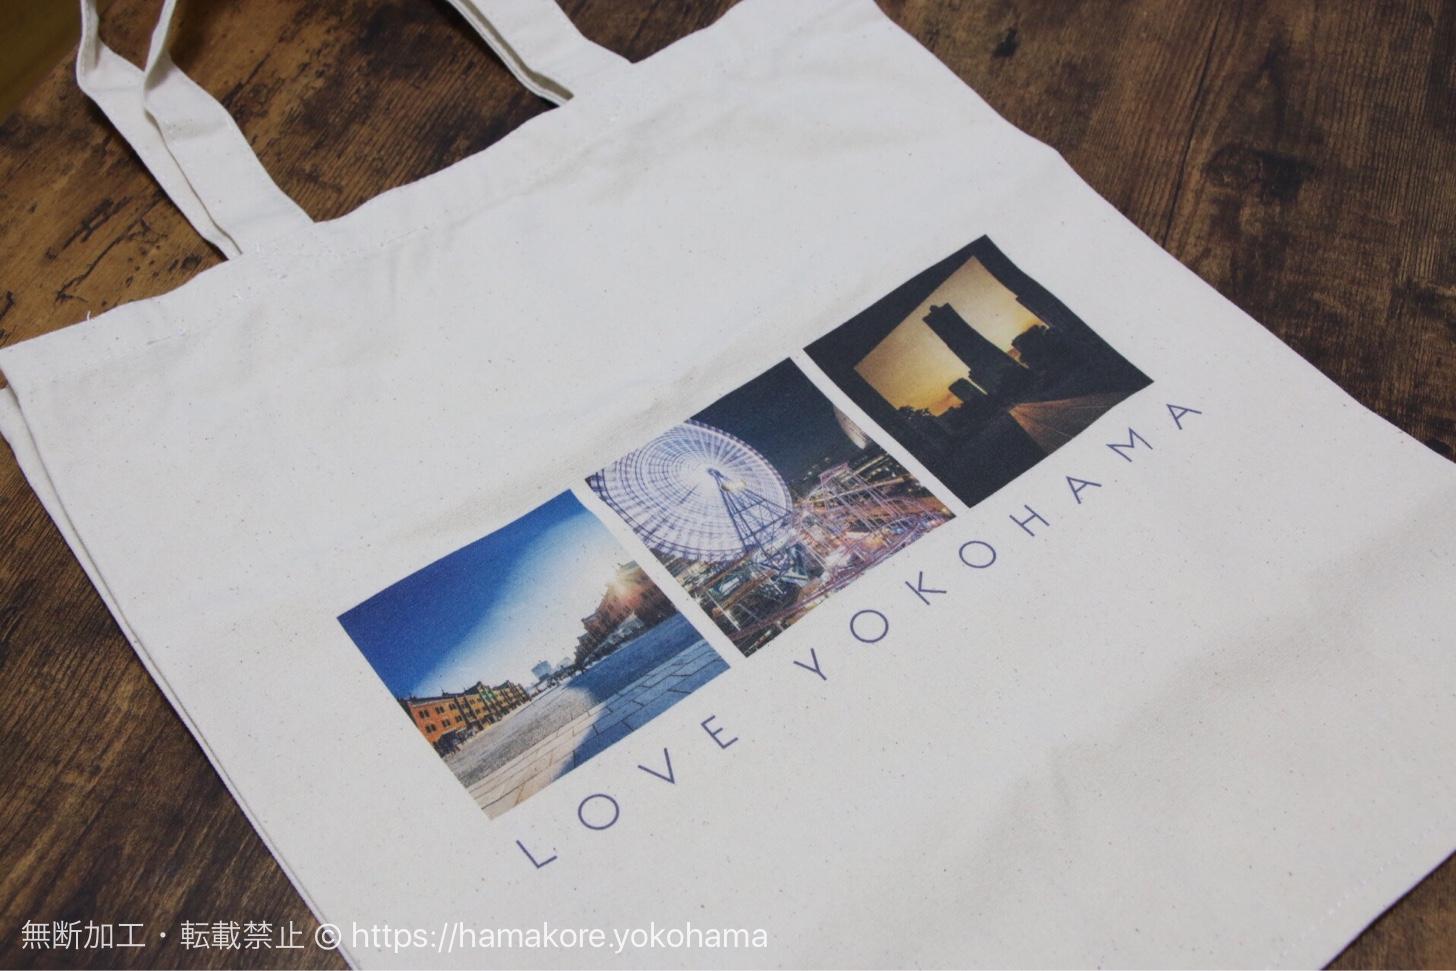 横浜高島屋で「LOVE tote」が開催中!横浜デザインのトートバックが可愛い